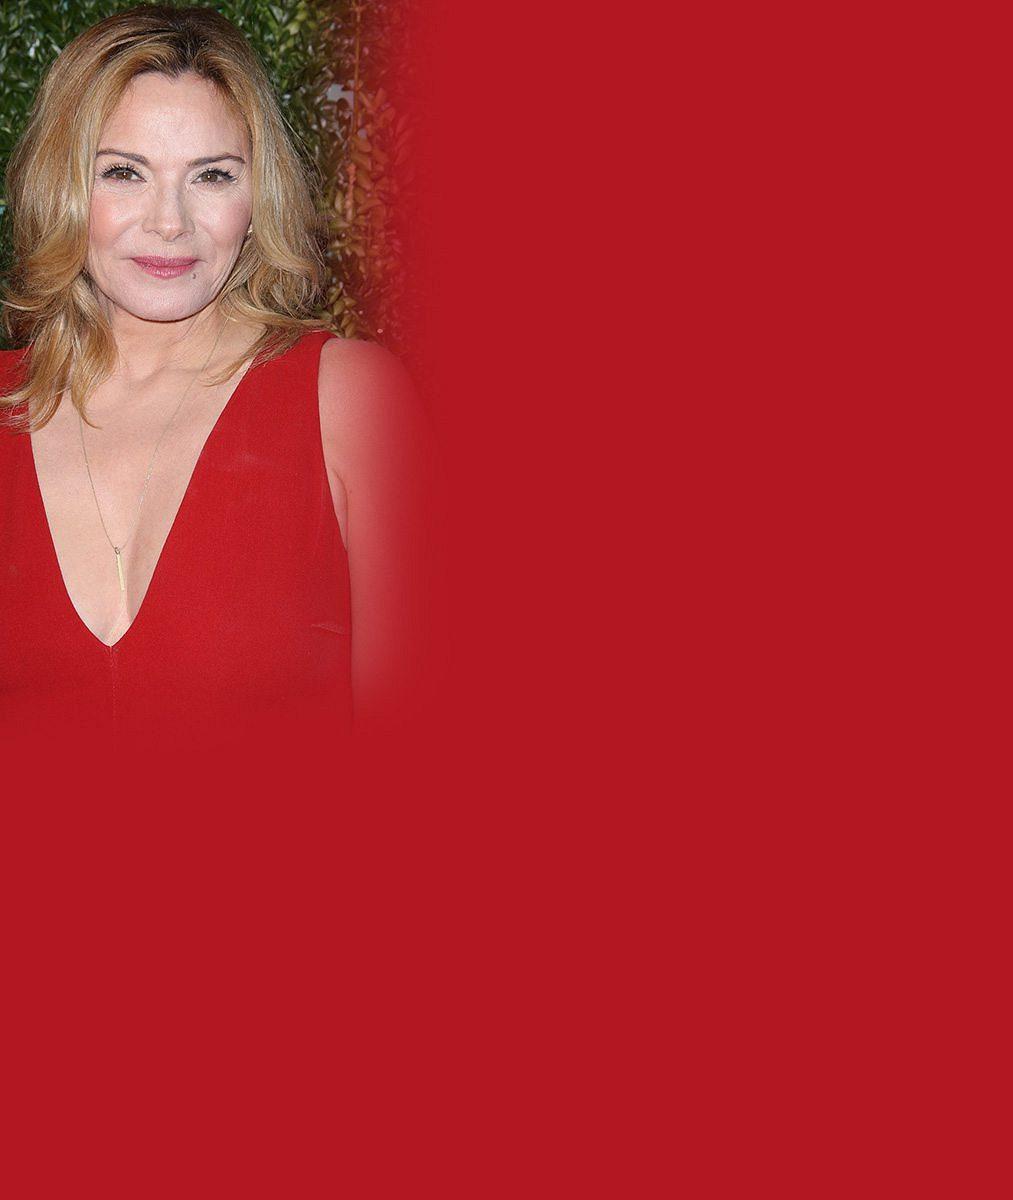 Samantha ze Sexu ve městě se před šedesátkou stylizovala do rajcovní Červené Karkulky. Líbí?